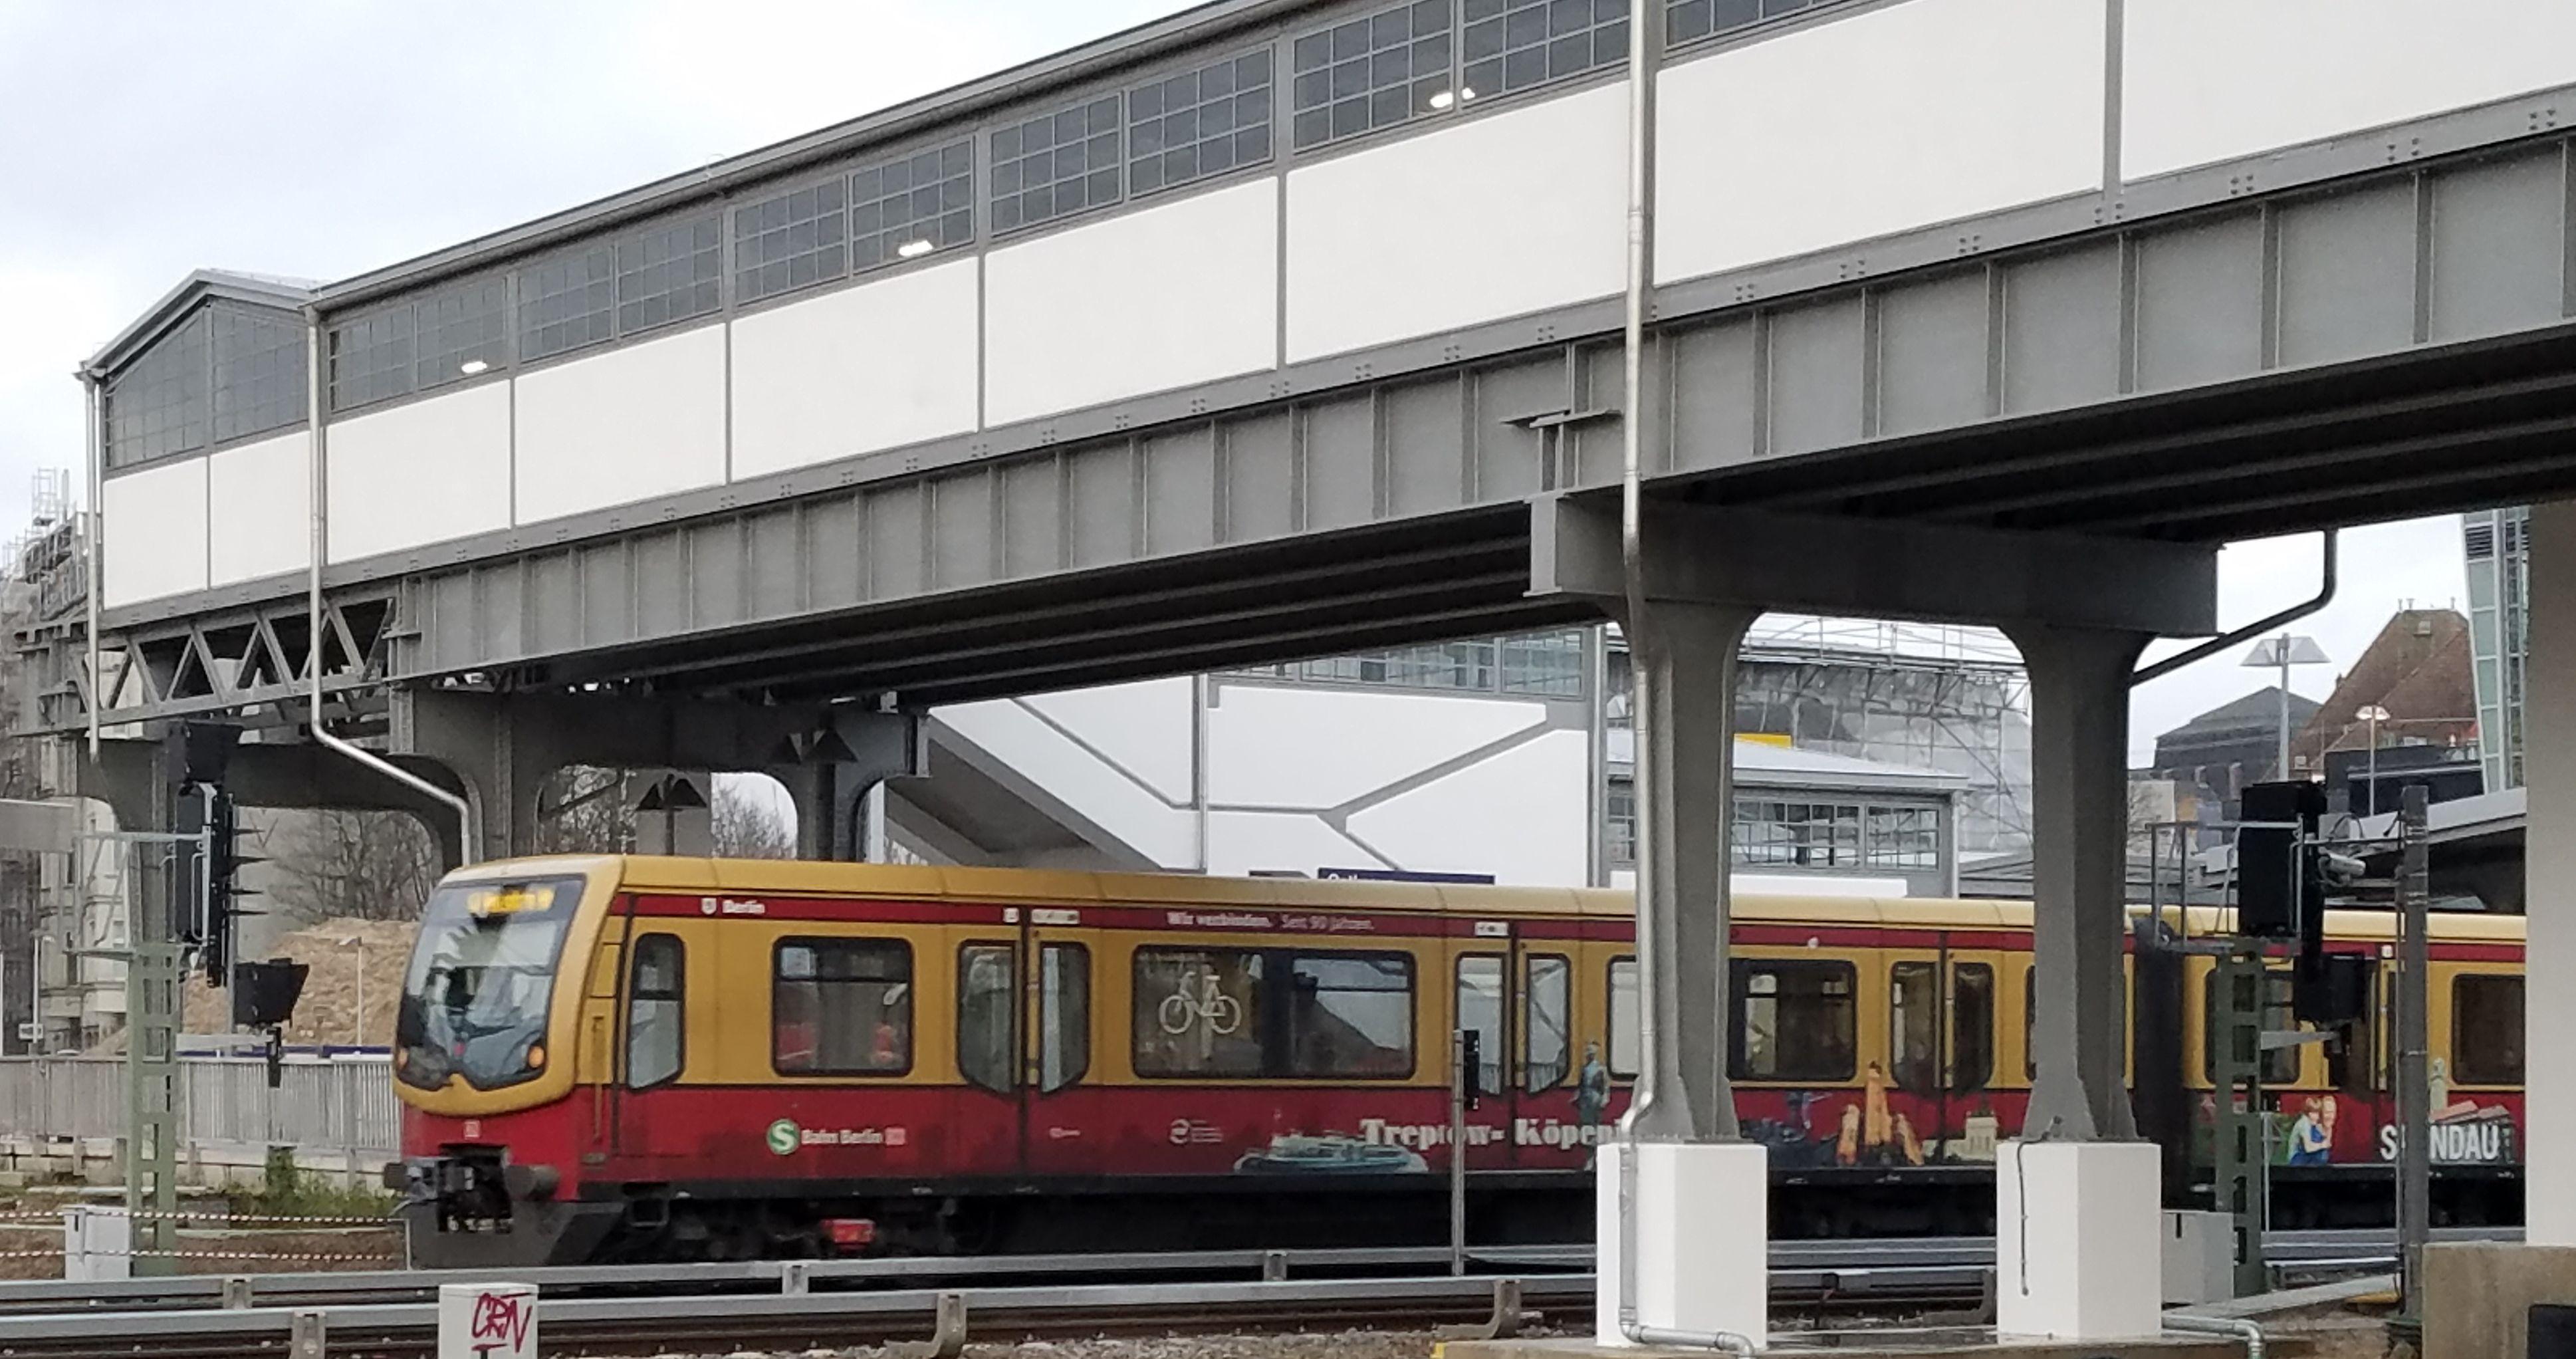 Foto:S-Bahn 481 502, Baureihe481/482, Ostkreuz, 2017